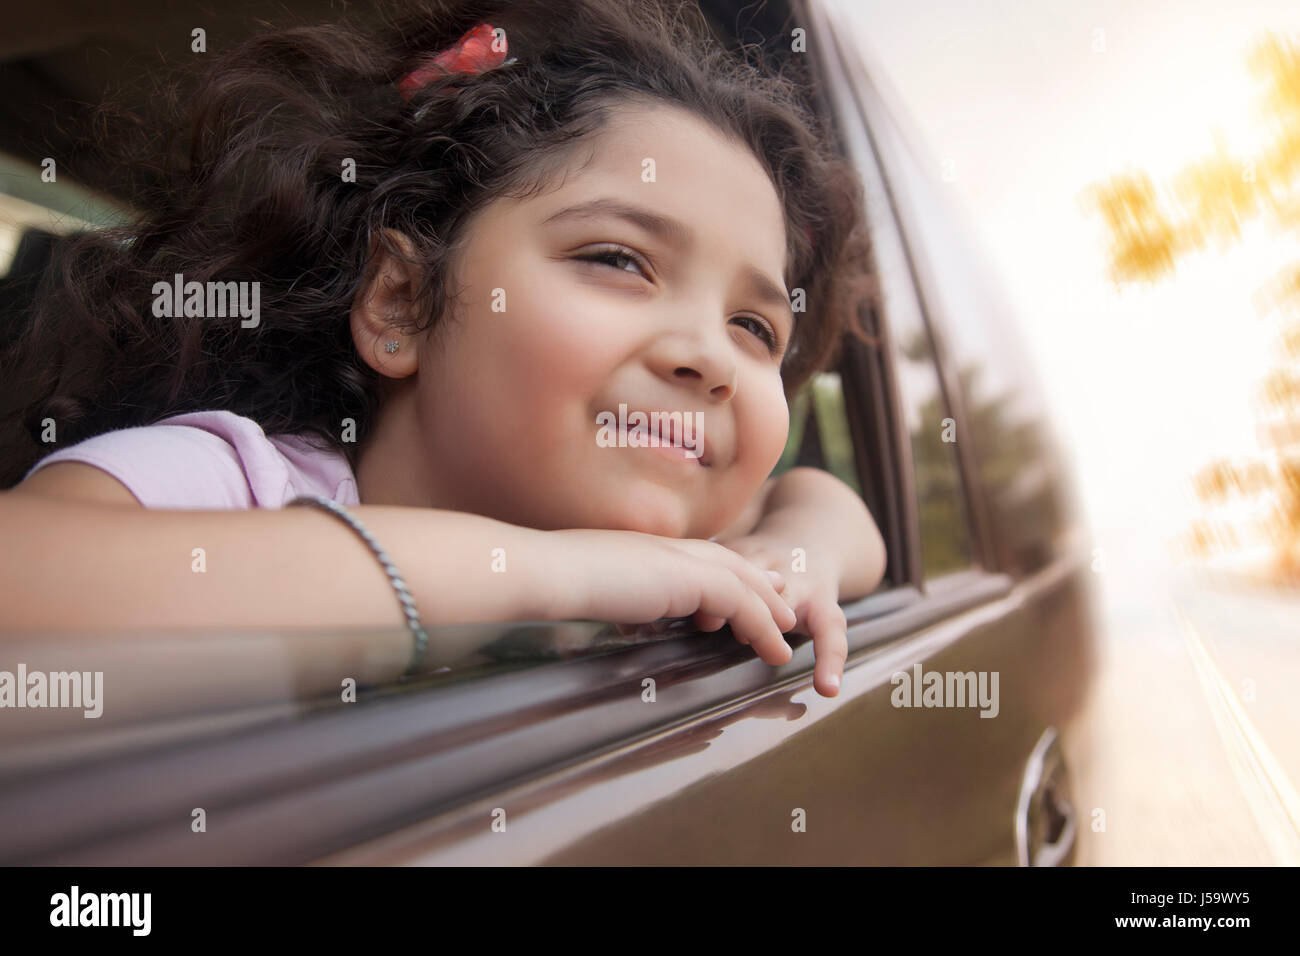 Mädchen auf der Suche aus Autofenster Stockbild